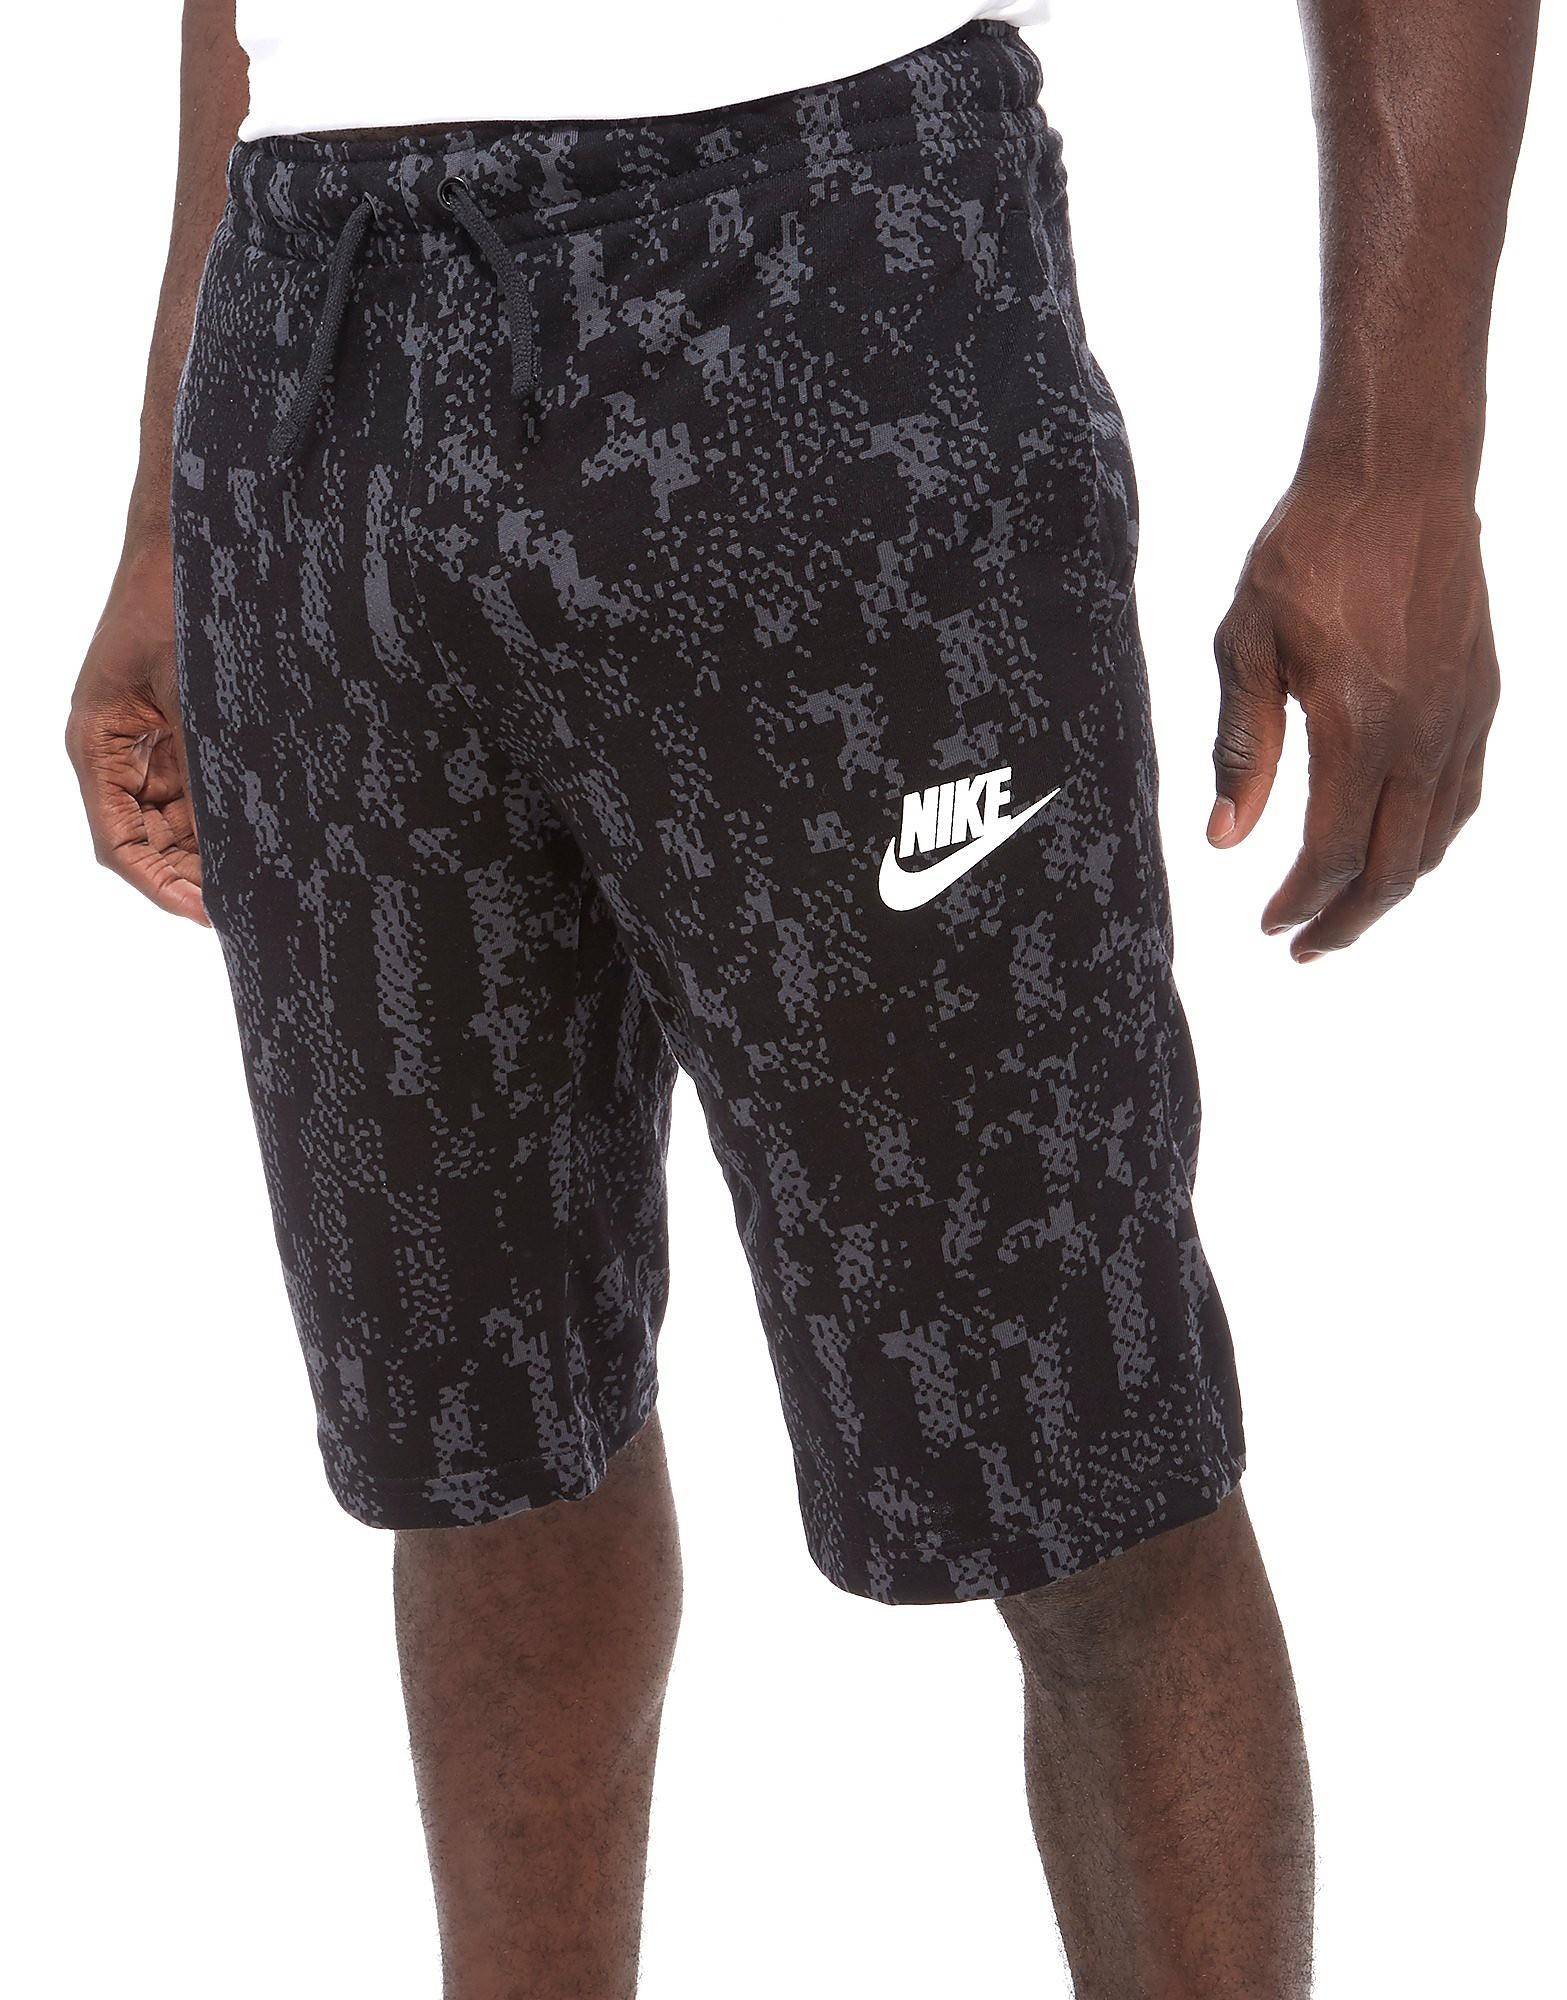 Nike pantalón corto Digi